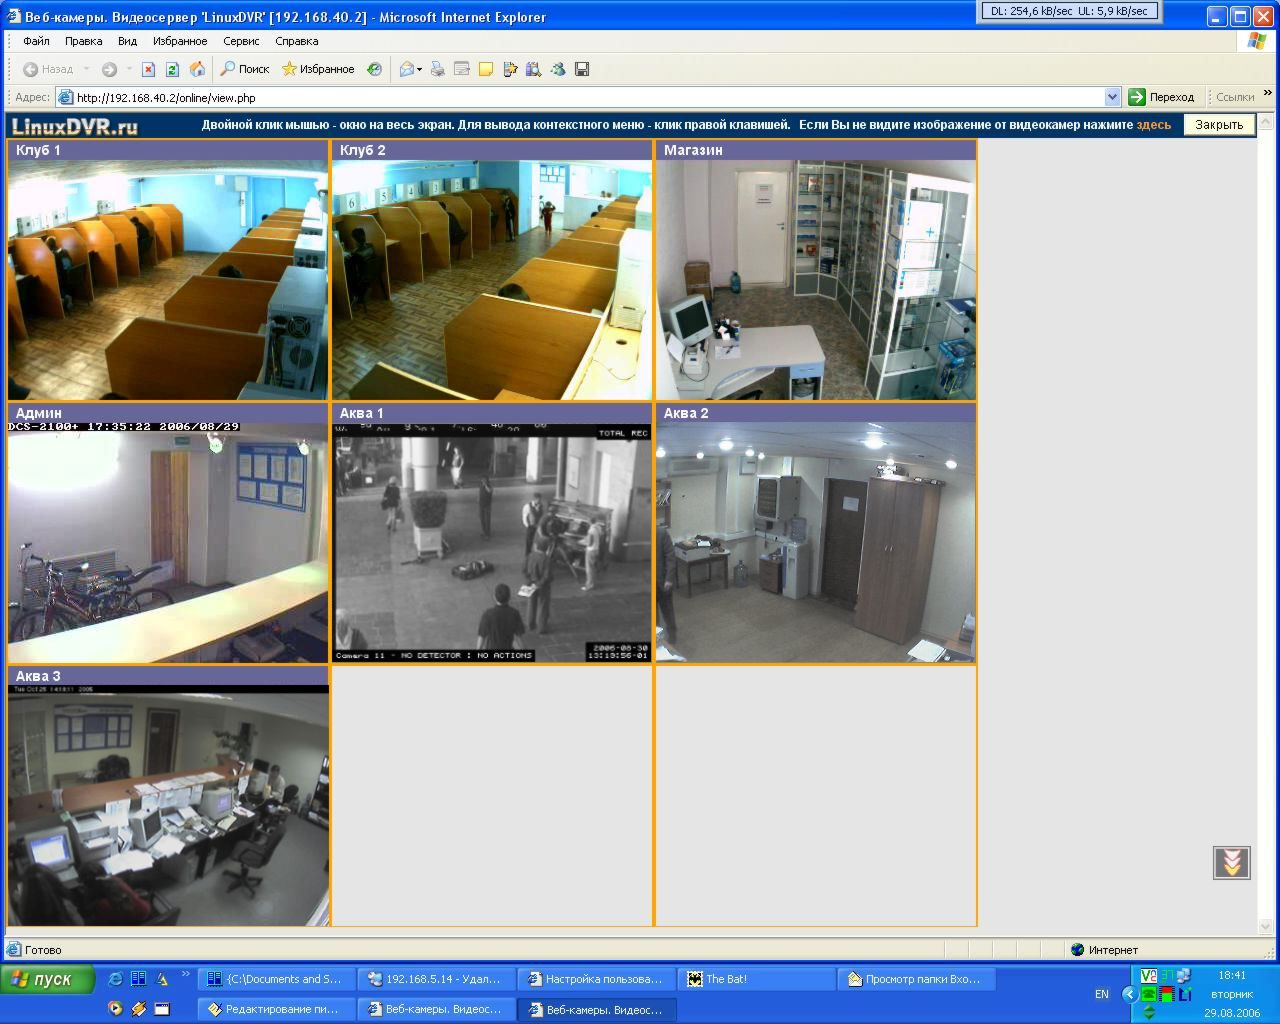 Можно ли получить запись с камер видеонаблюдения